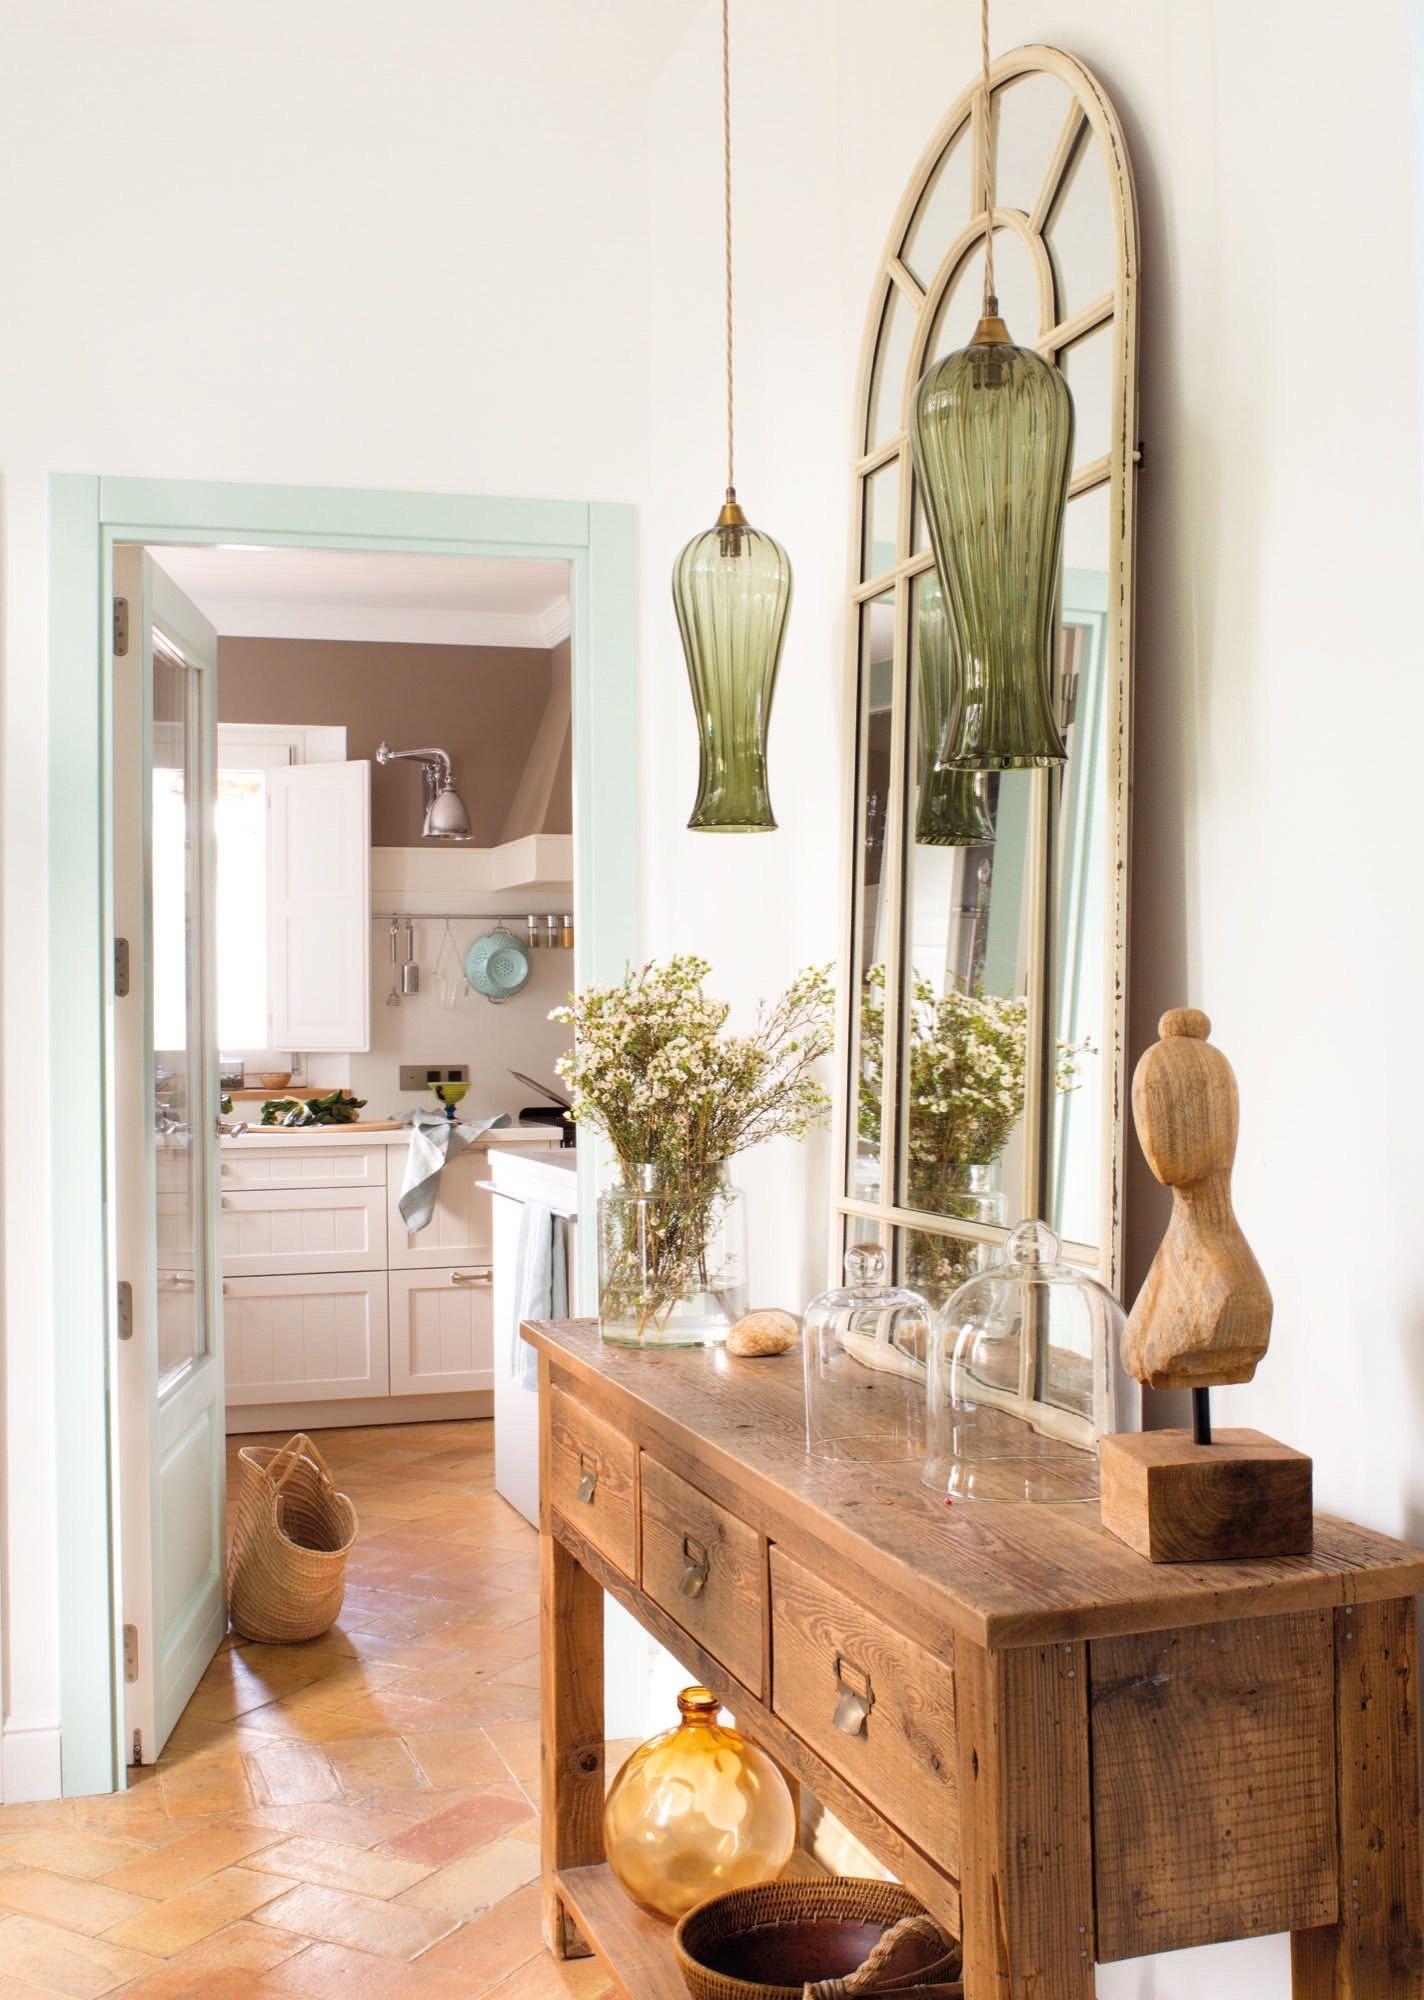 Recibidor de estilo rustico con un gran espejo y lamparas - Mueble recibidor rustico ...